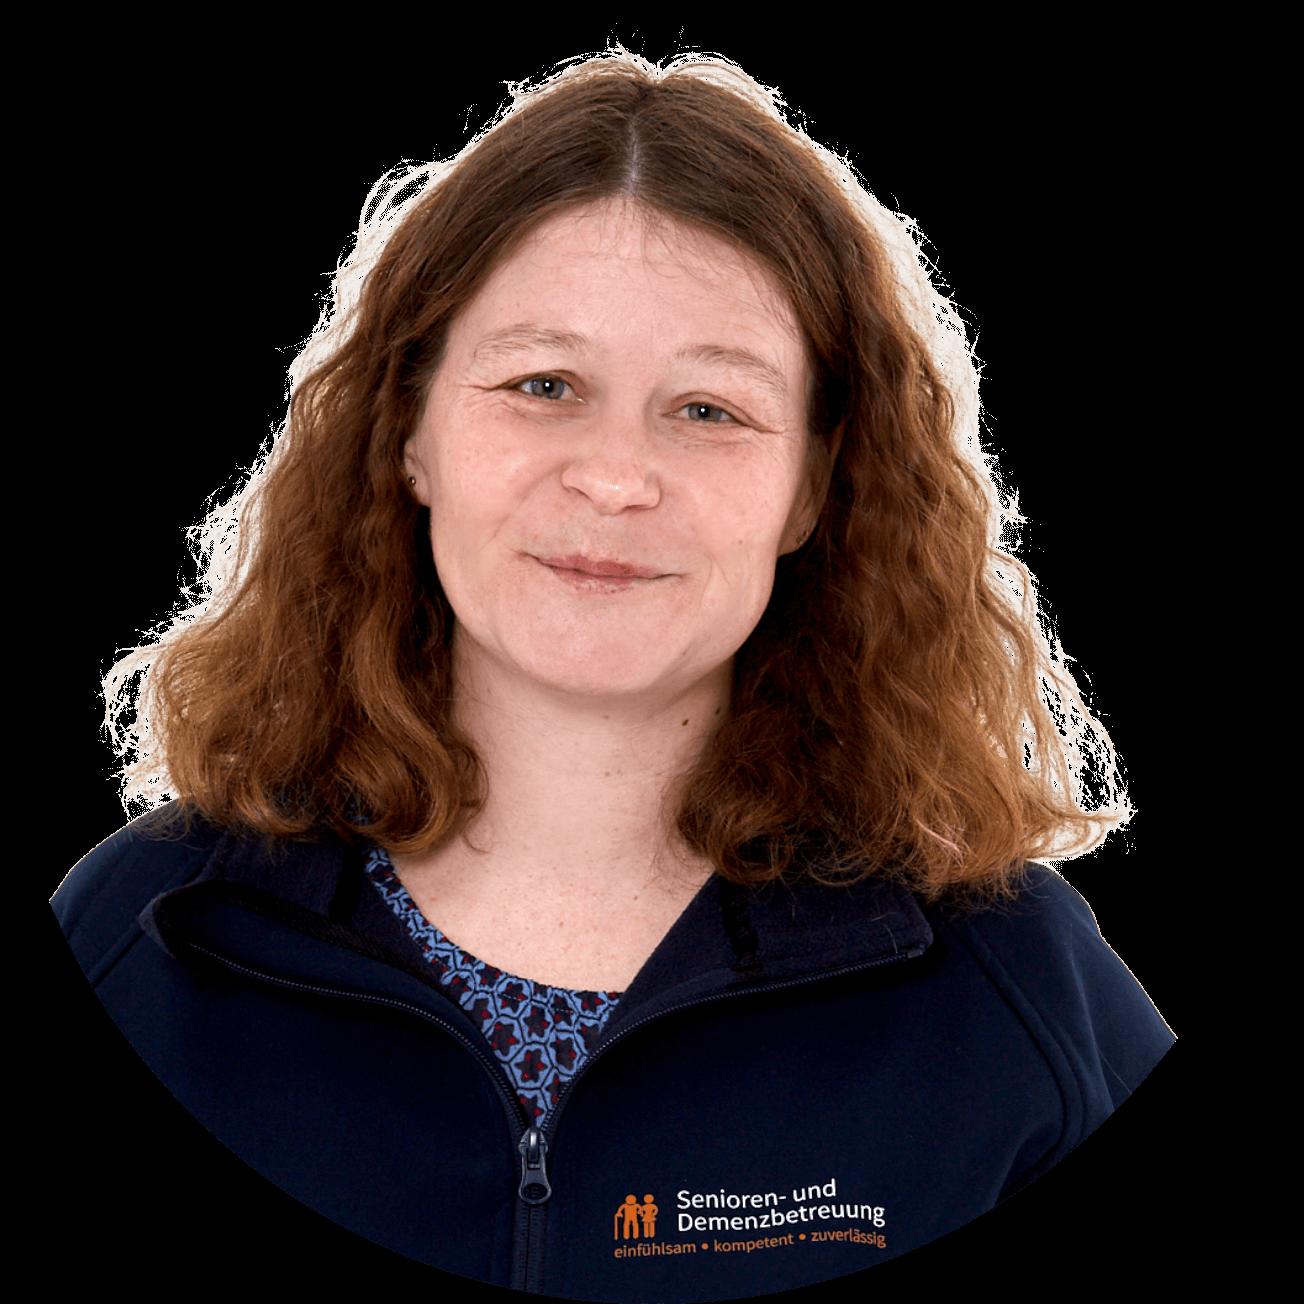 Sandra Senioren & Demenzbetreuung